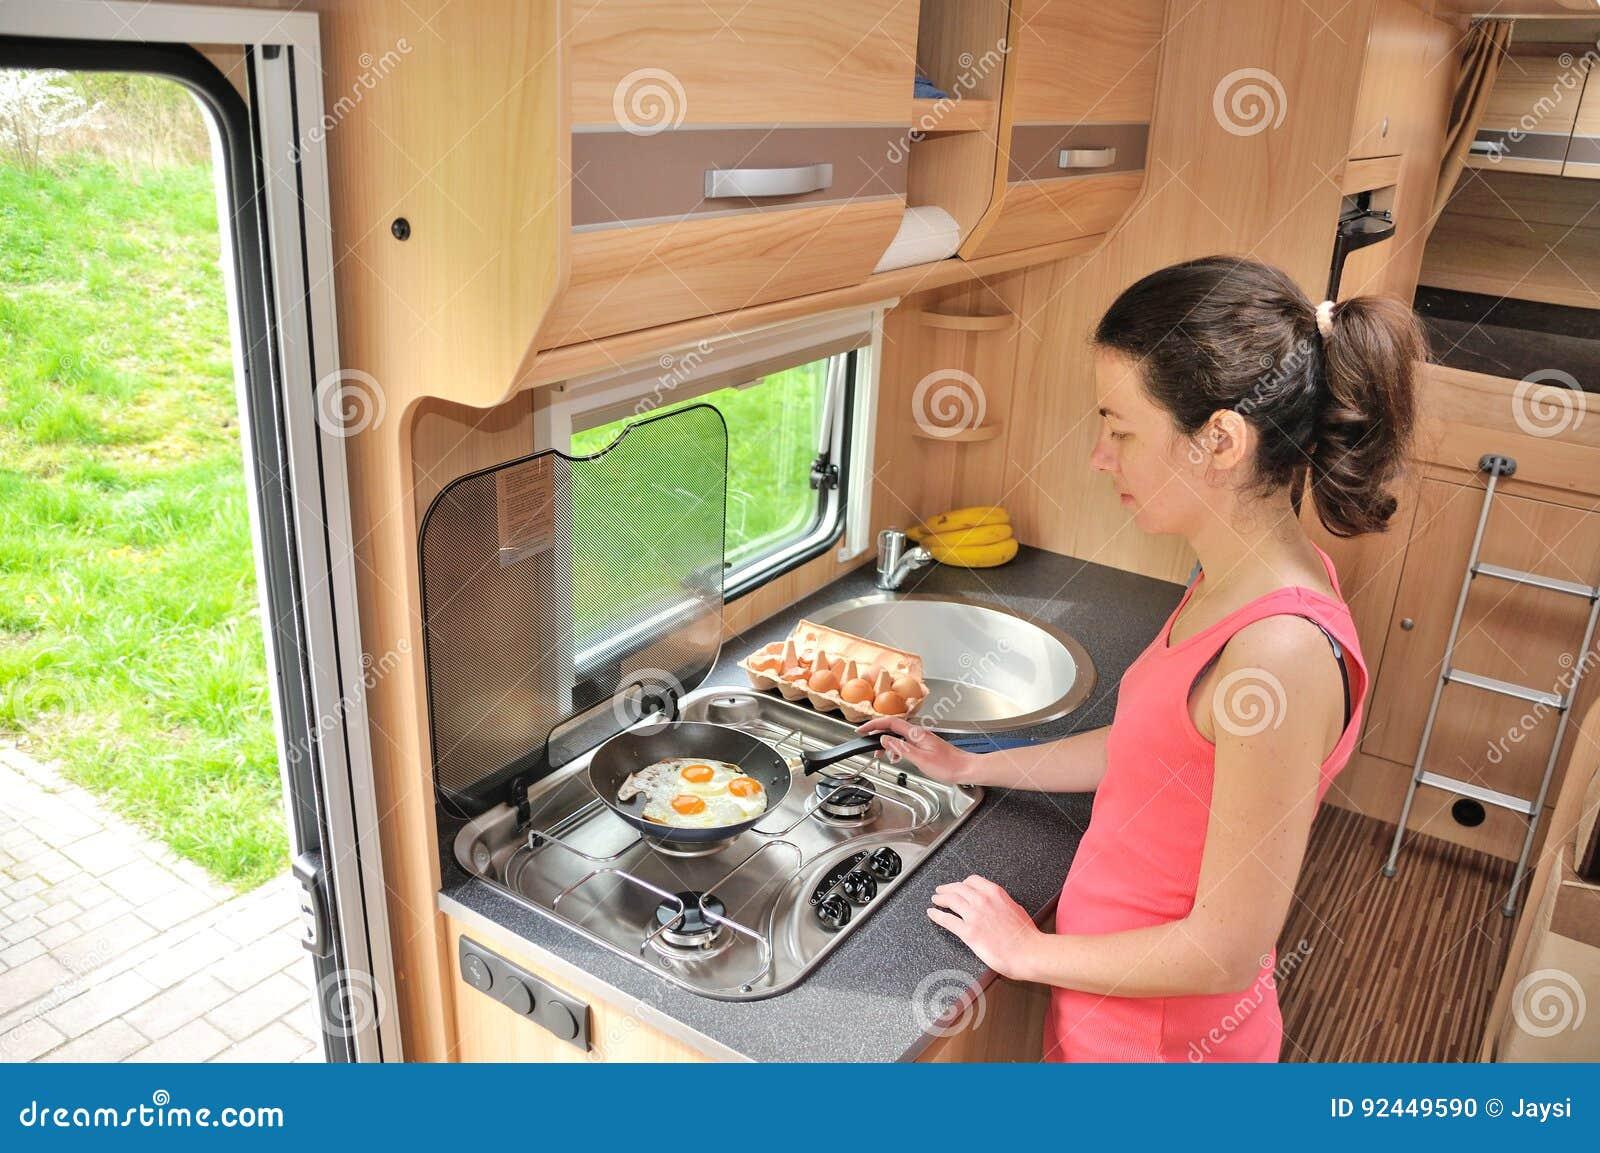 Οικογενειακές διακοπές, ταξίδι διακοπών rv, ταξίδι και στρατοπέδευση, μαγείρεμα γυναικών στο τροχόσπιτο, motorhome εσωτερικό